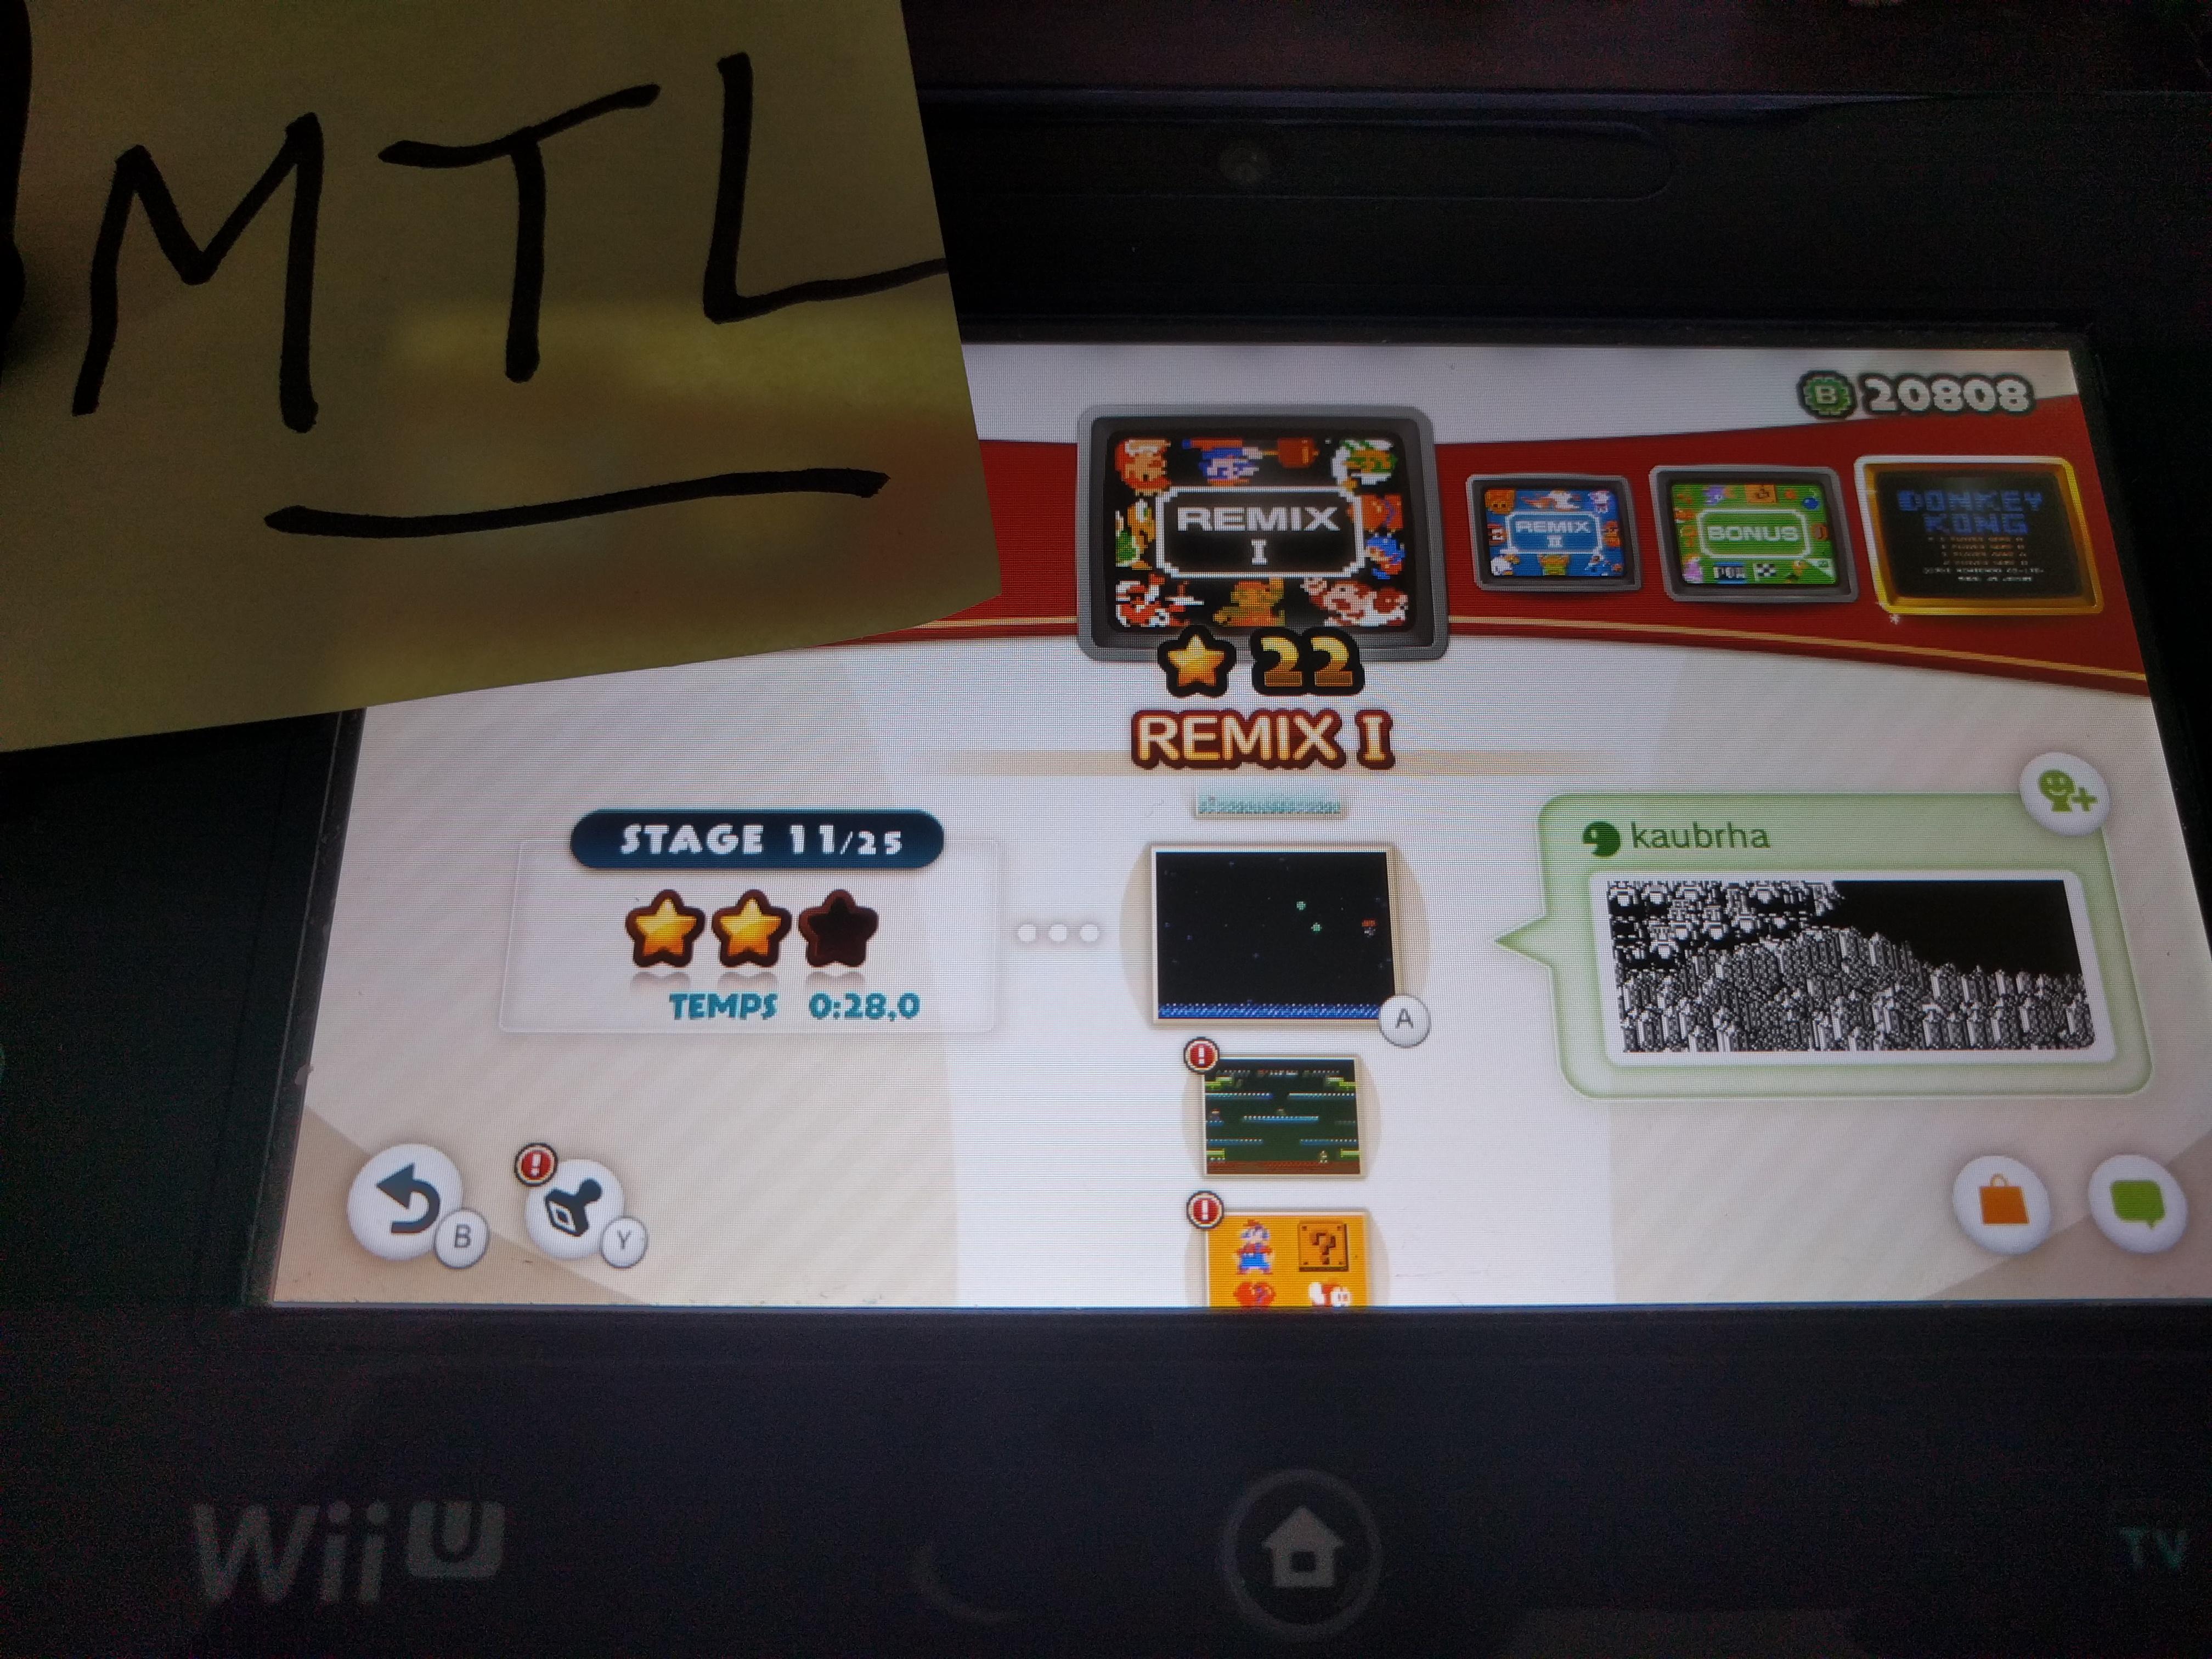 Mantalow: NES Remix: Remix I: Stage 11 (Wii U) 0:00:28 points on 2016-06-17 10:51:34